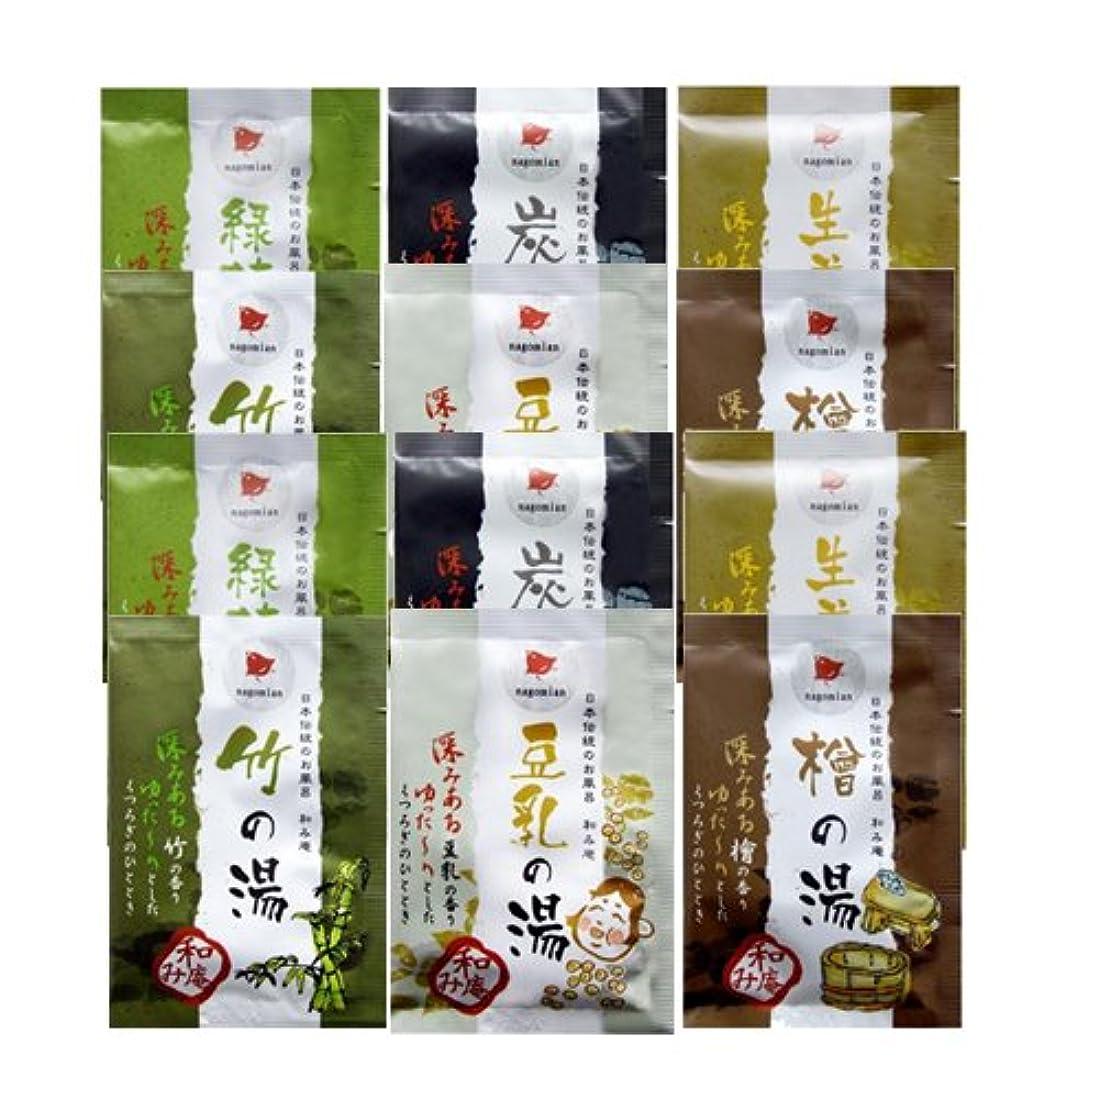 極めて重要な憎しみフェリー日本伝統のお風呂 和み庵 6種類×2個セット(計12包)